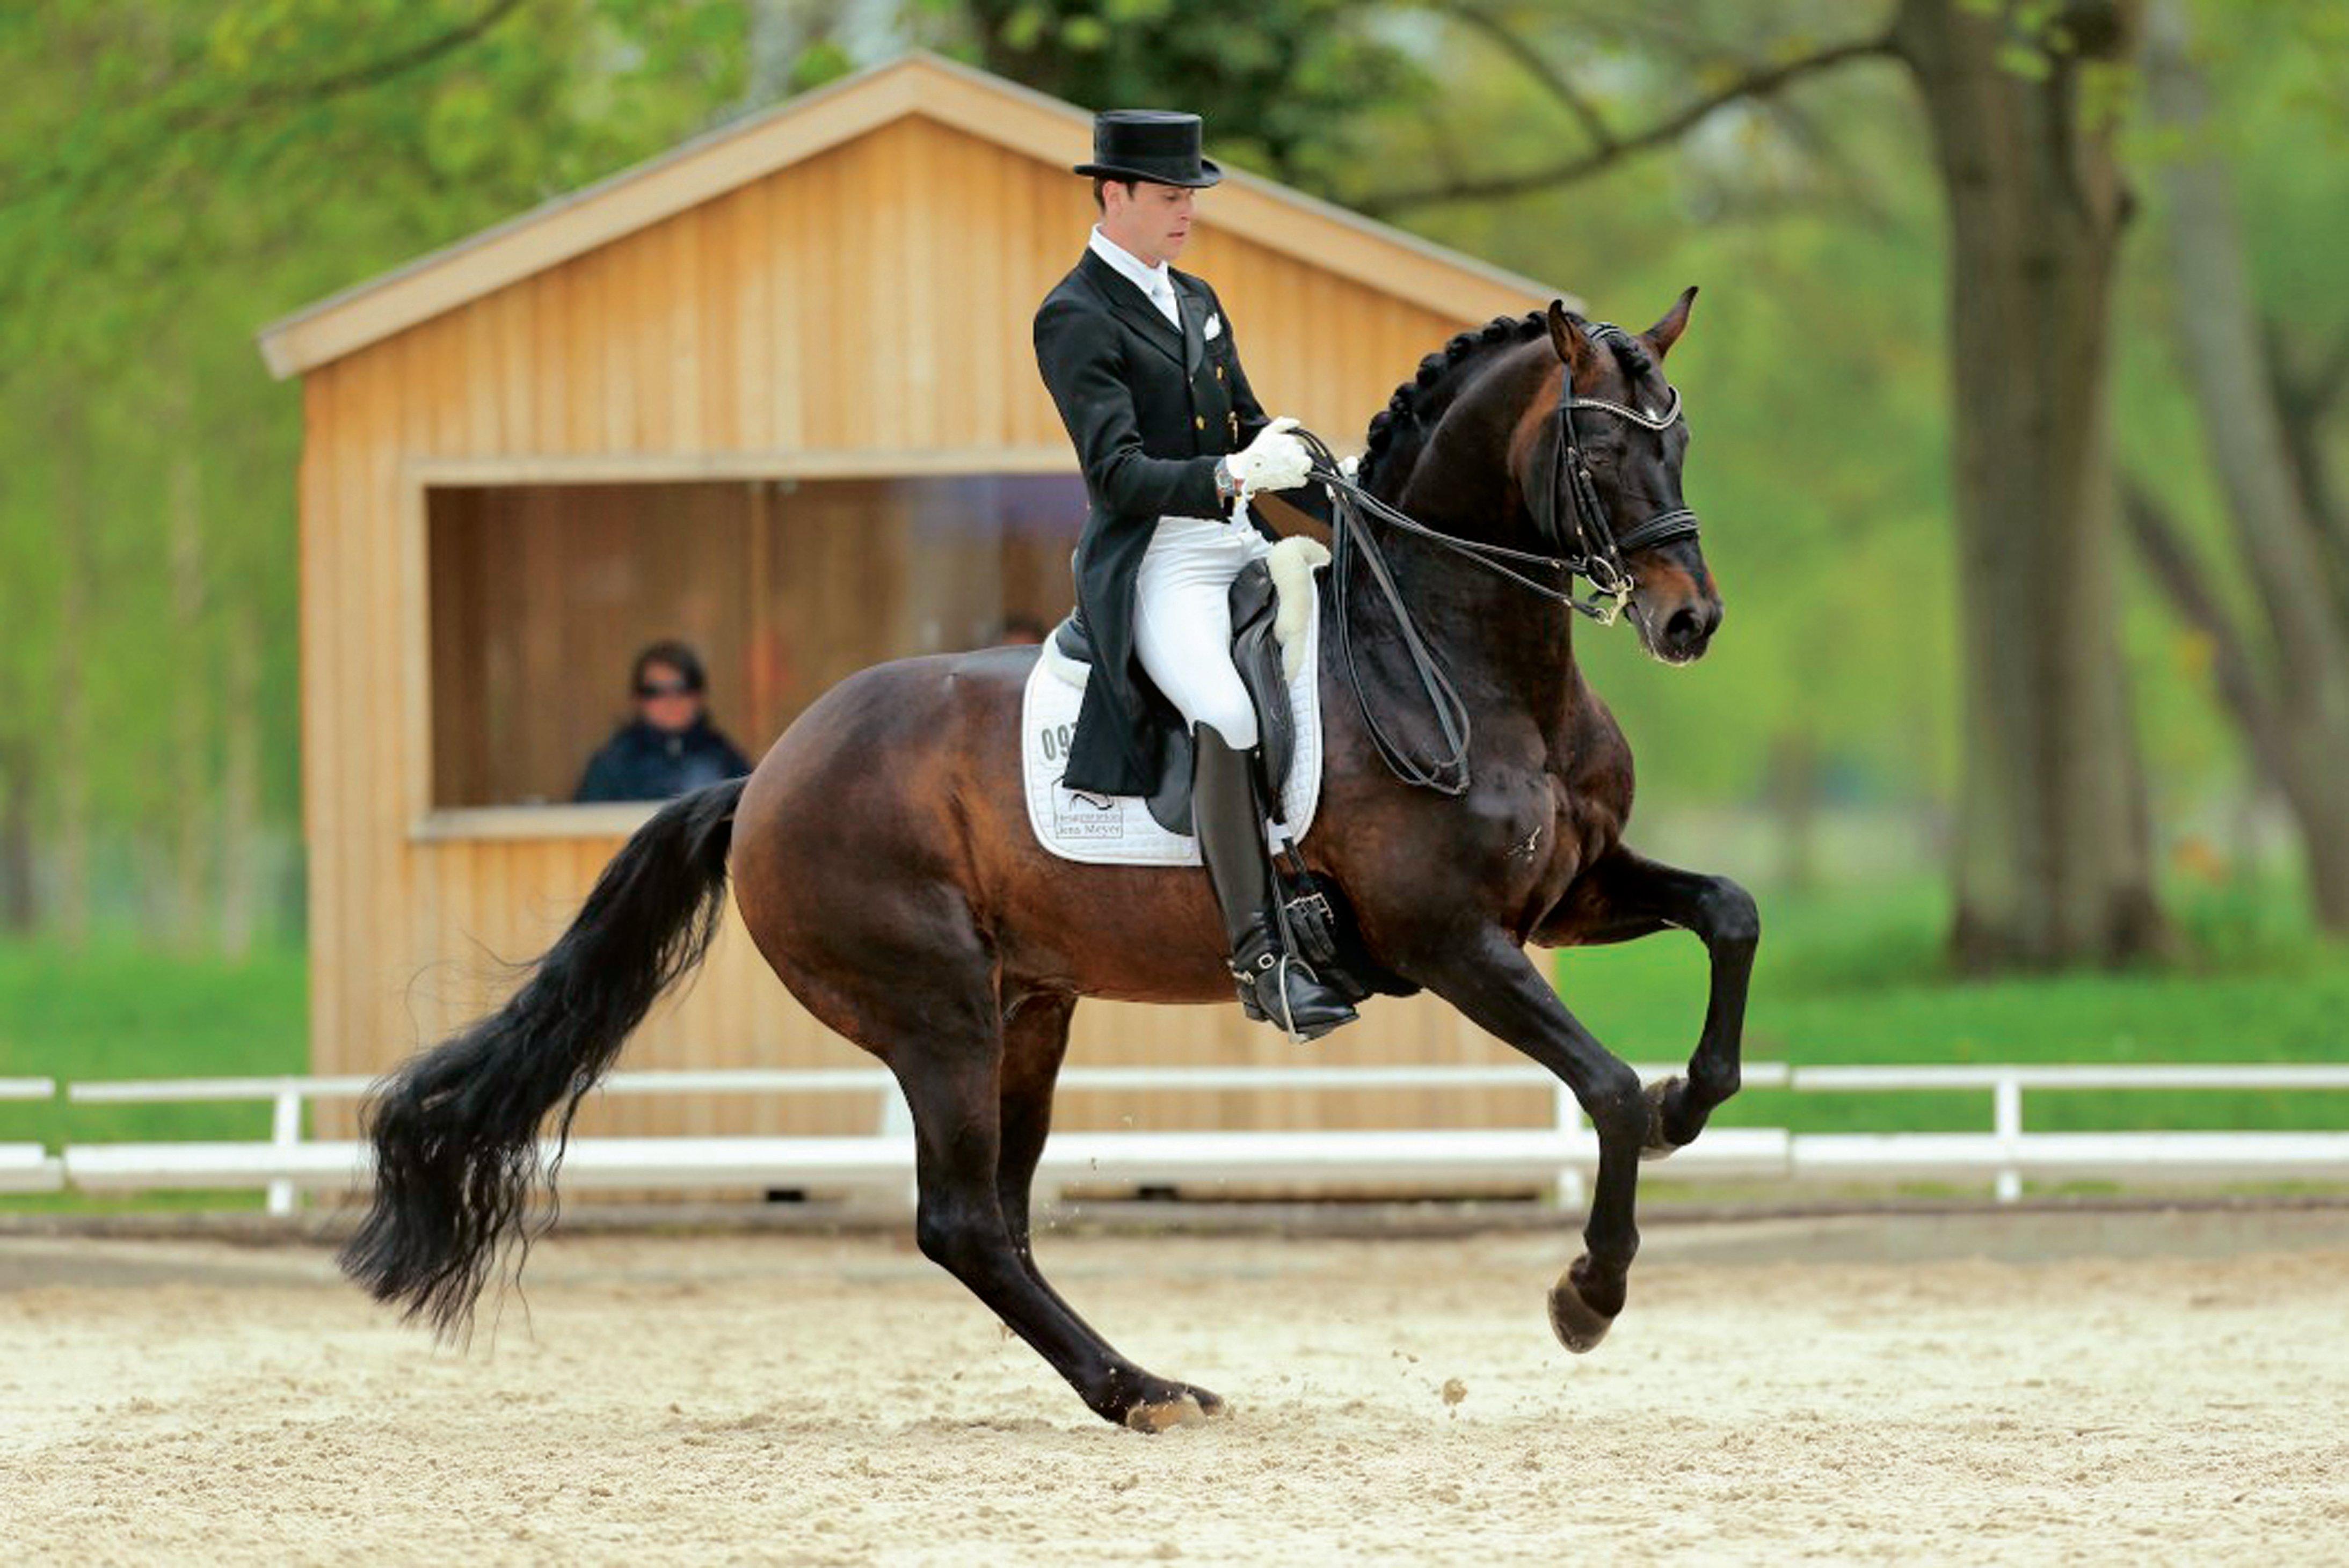 картинки с лошадьми и всадниками